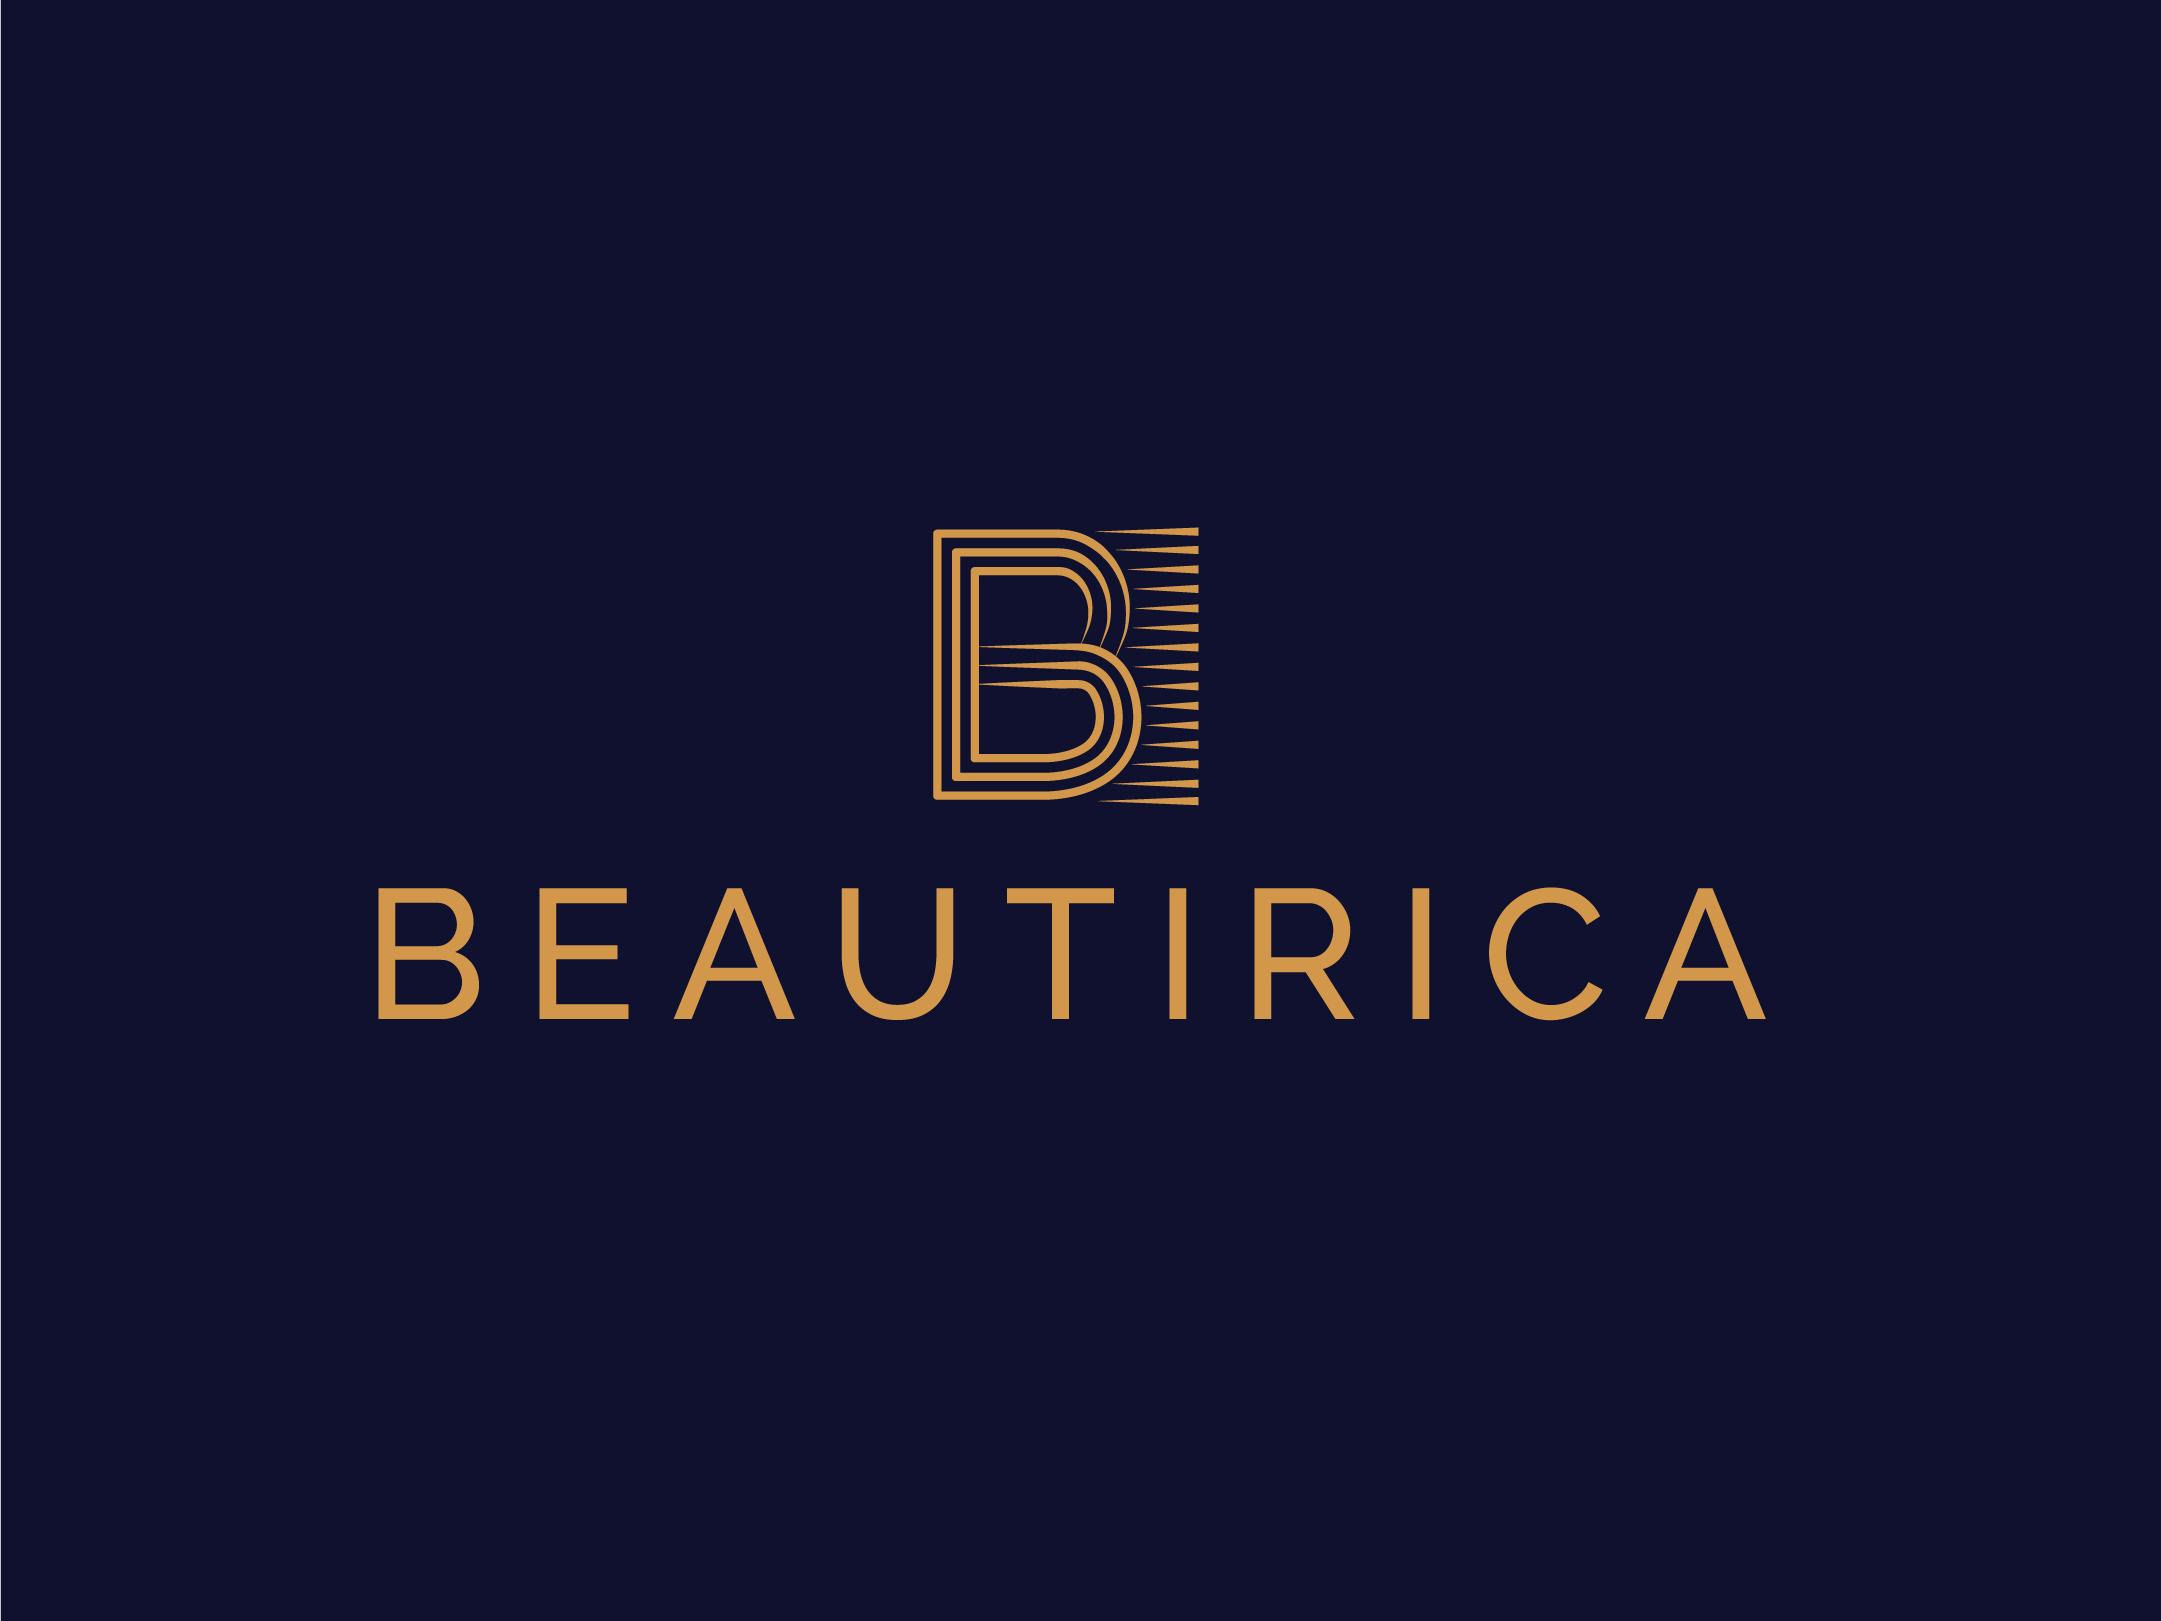 Beautirica 3